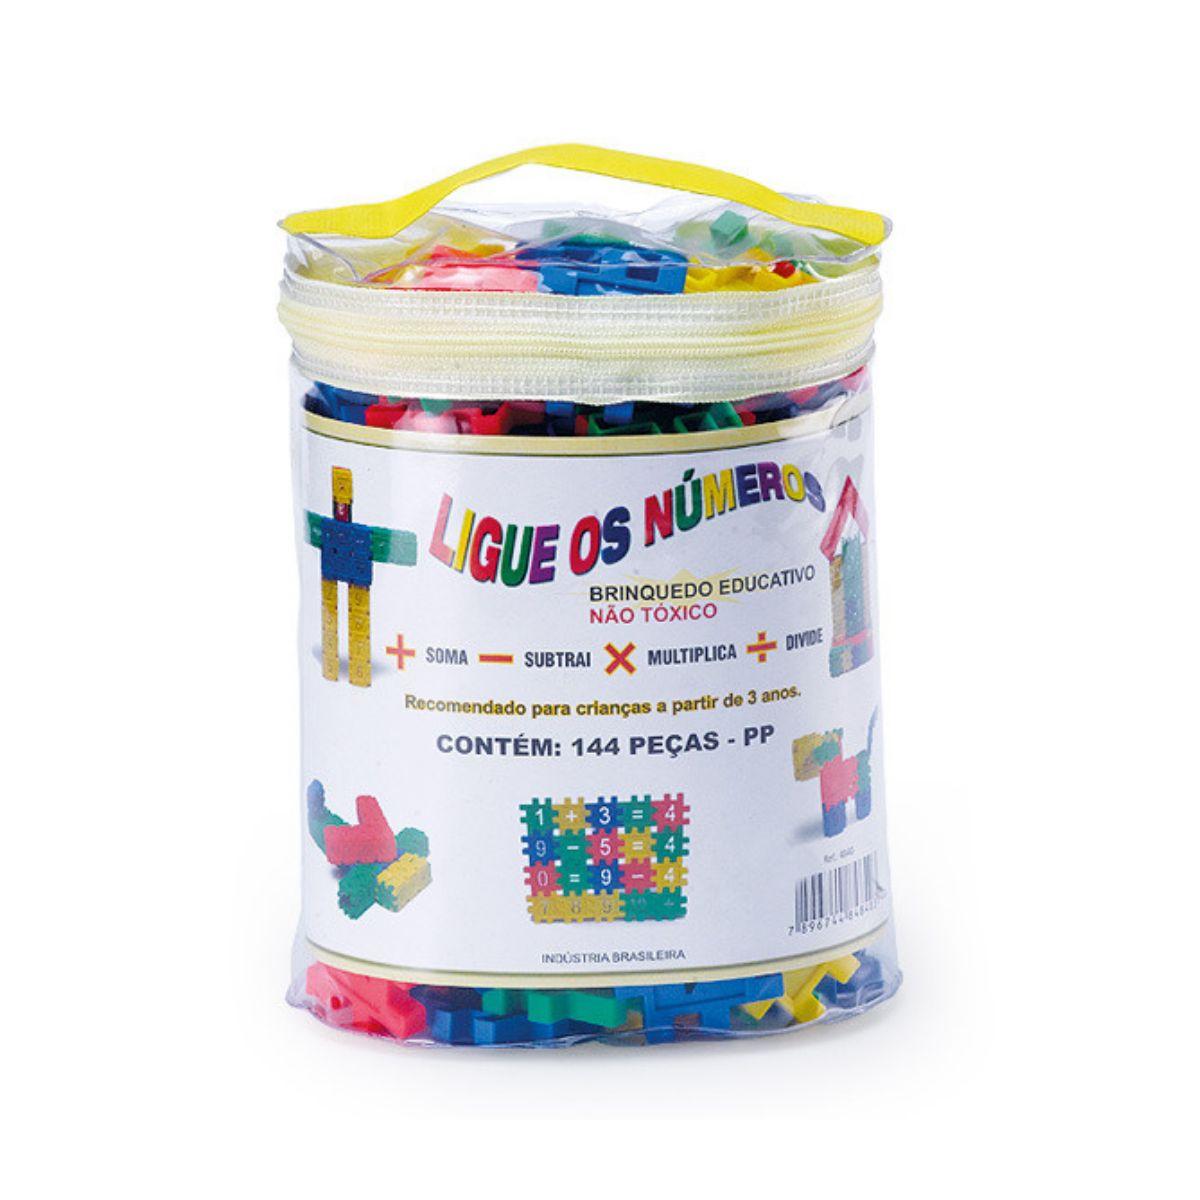 Kit Ligue Números com 144 peças coloridas para aprender brincando